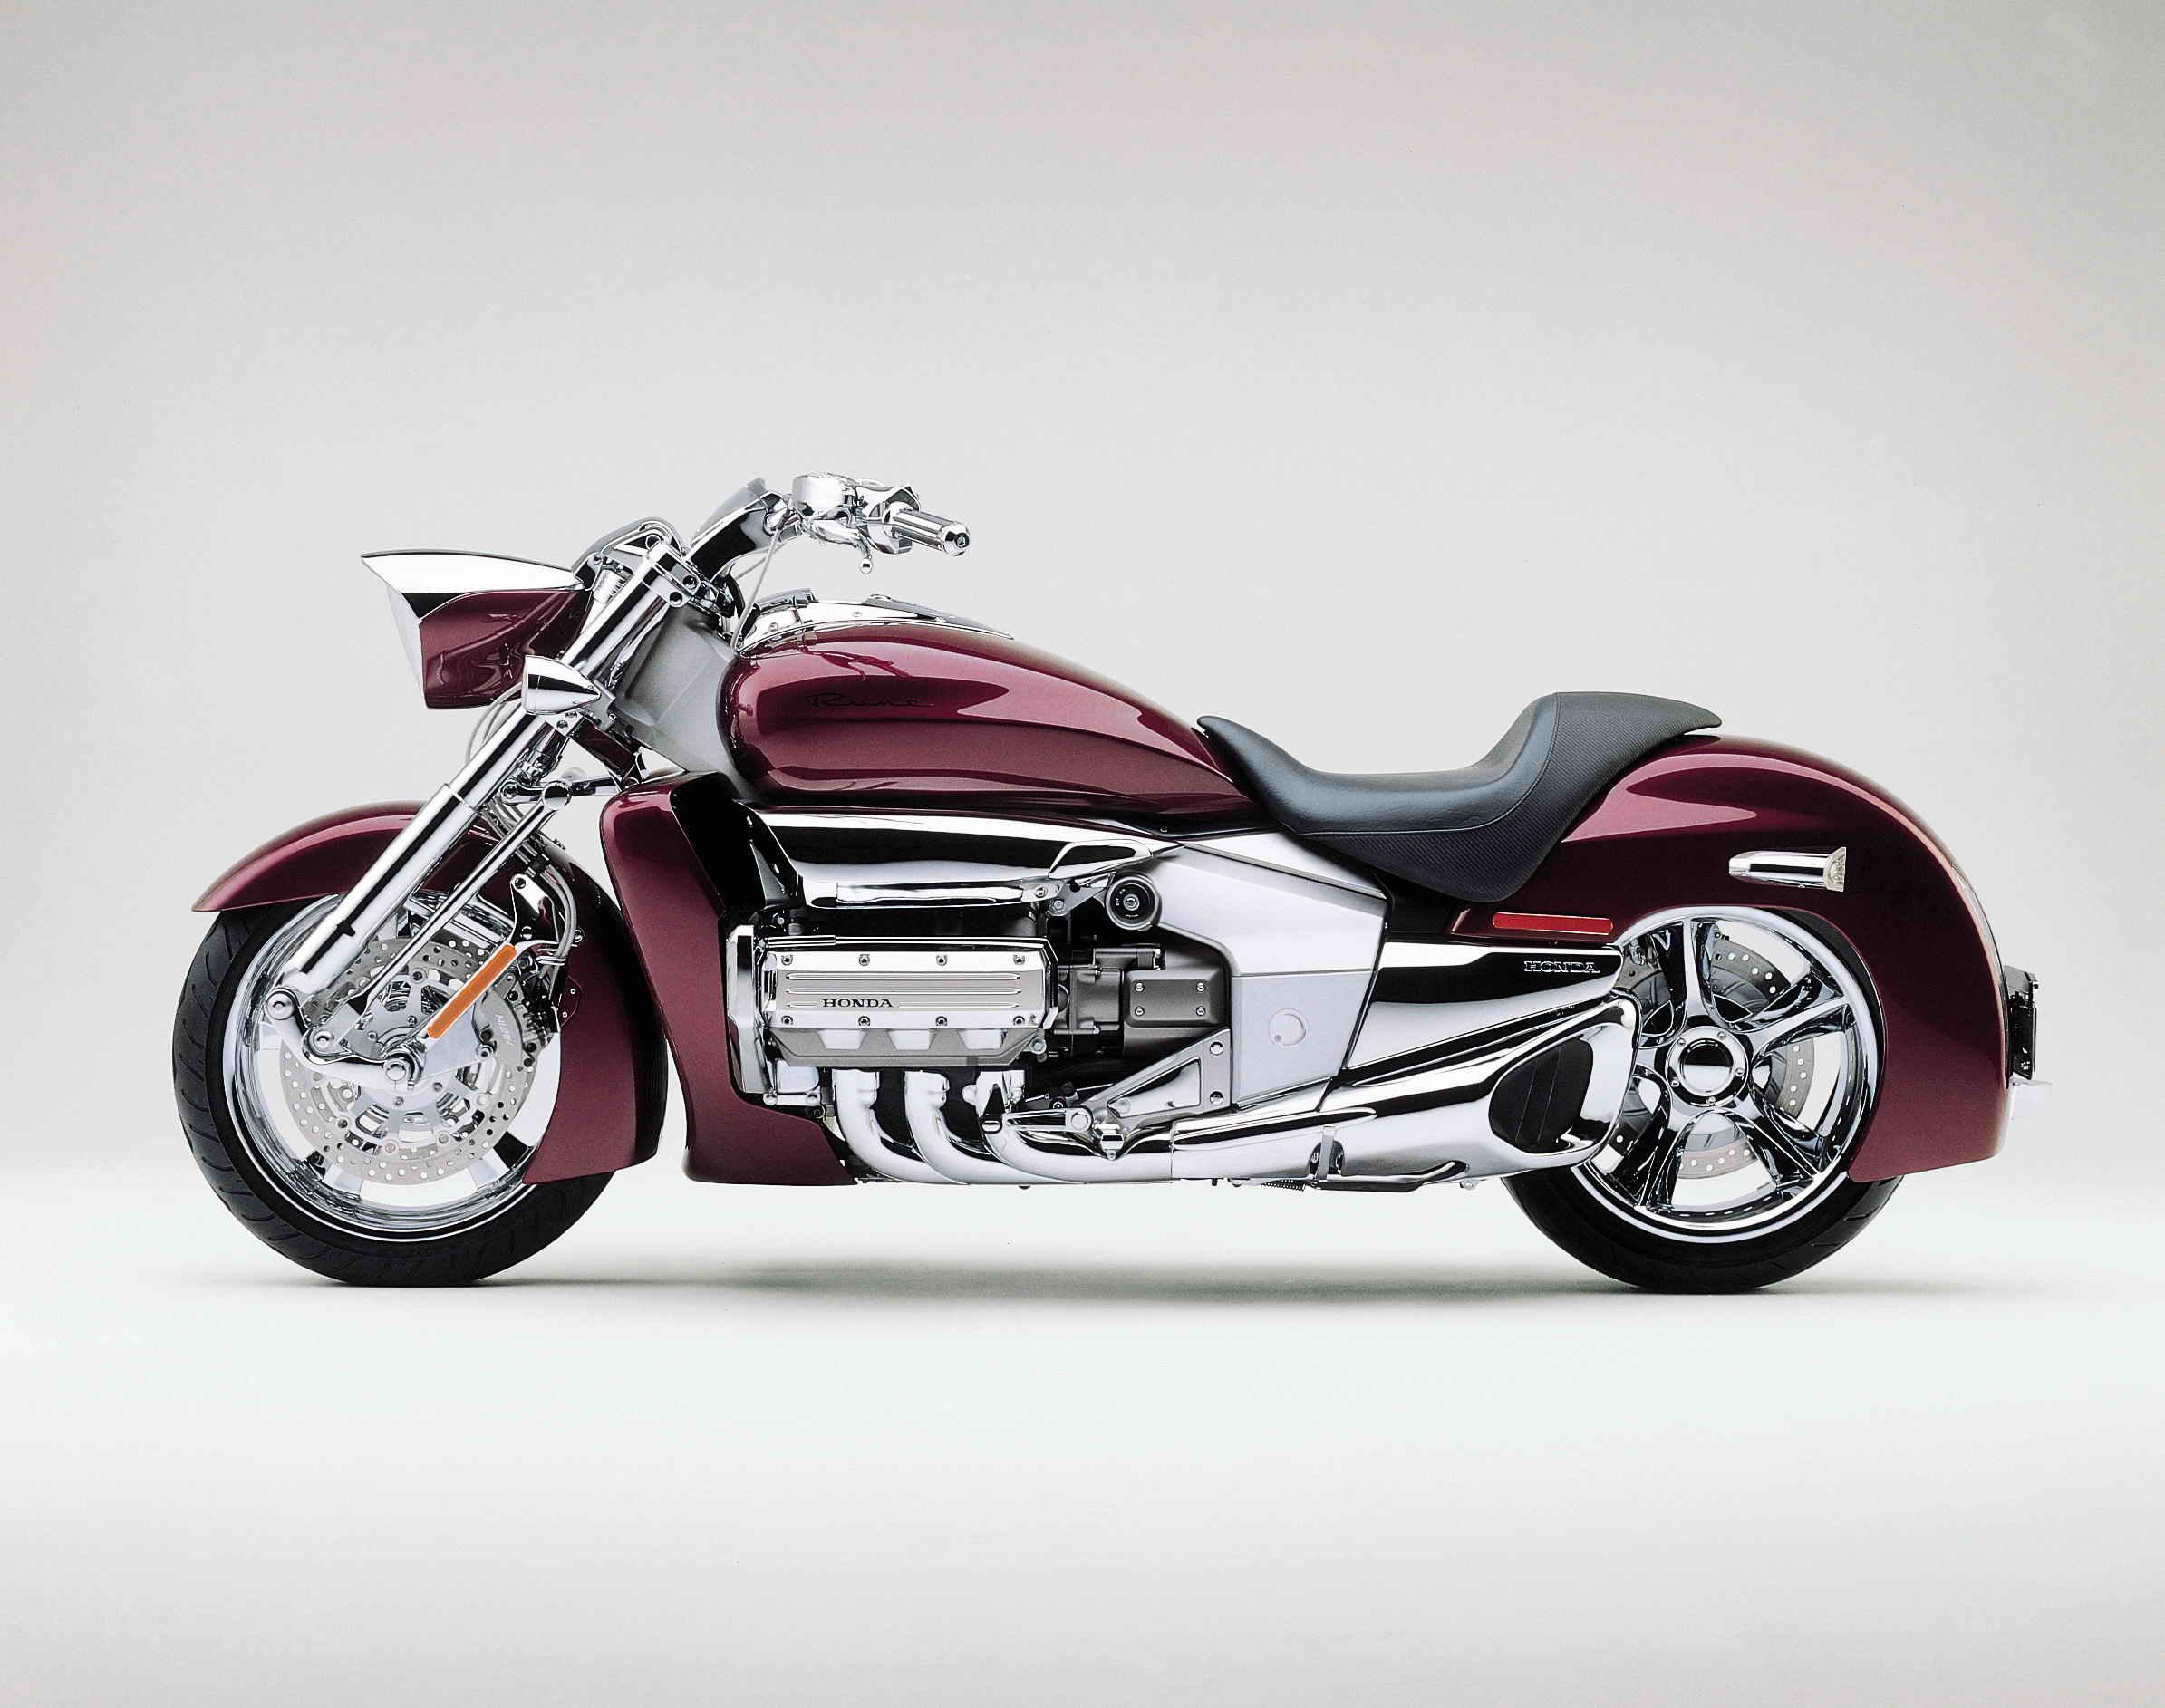 Memorable Motorcycles: Honda Rune